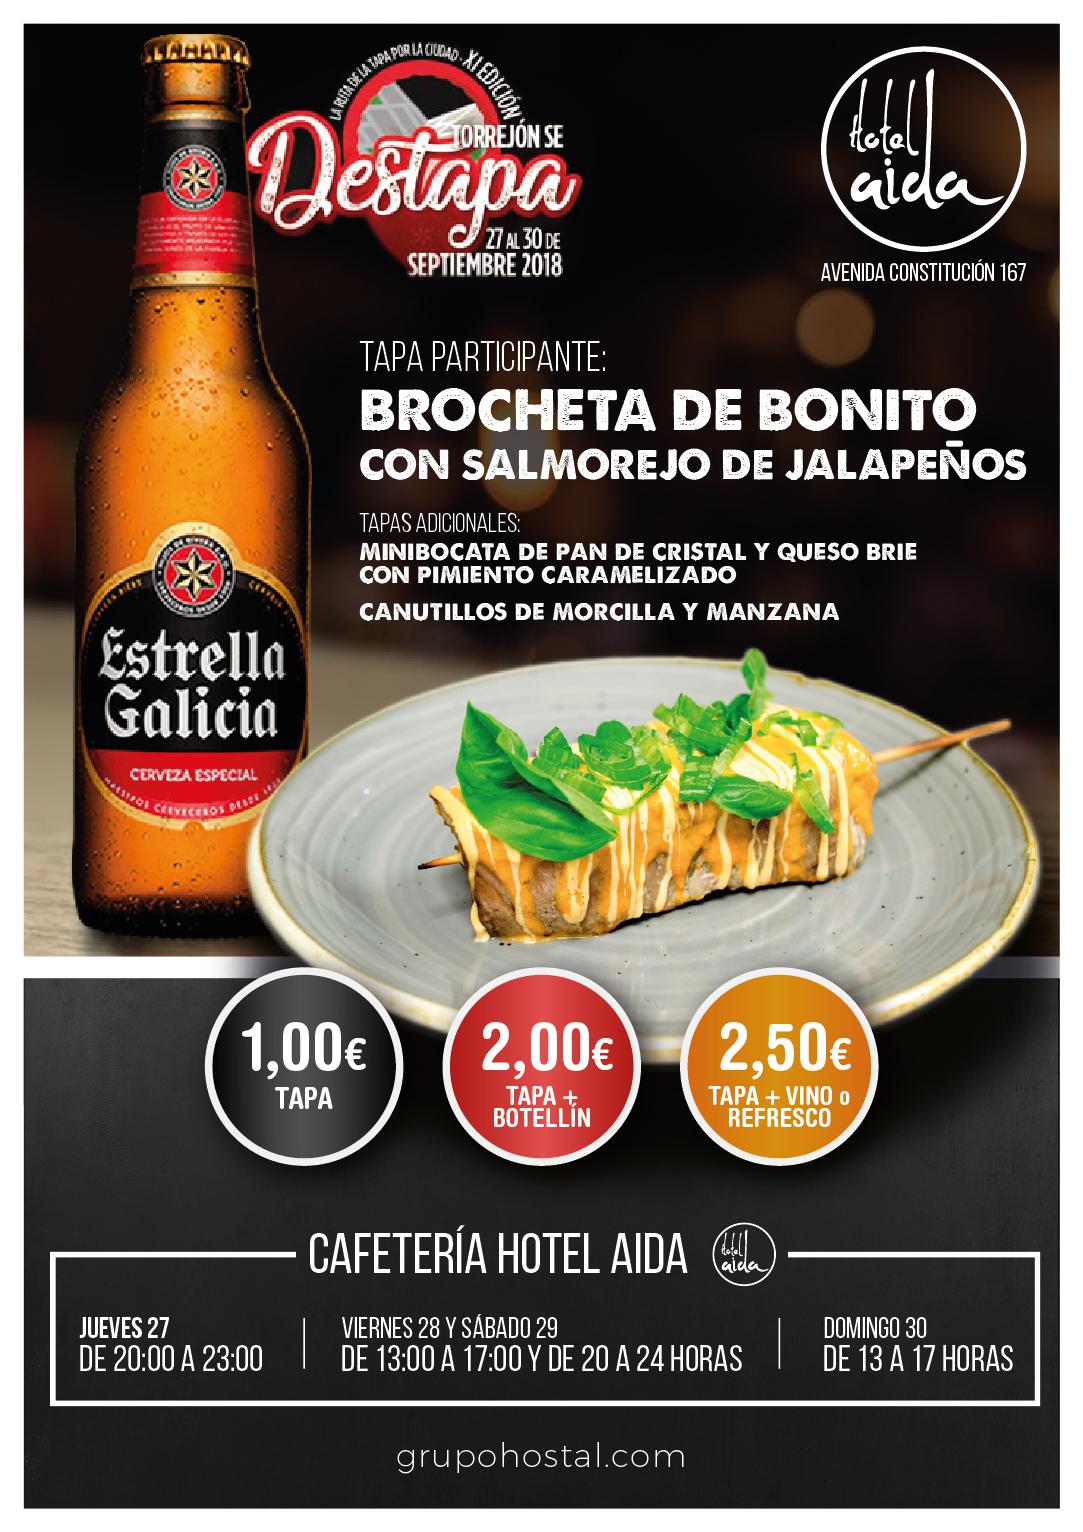 Feria de la Tapa 2018 Torrejón de Ardoz en el Hotel Aida